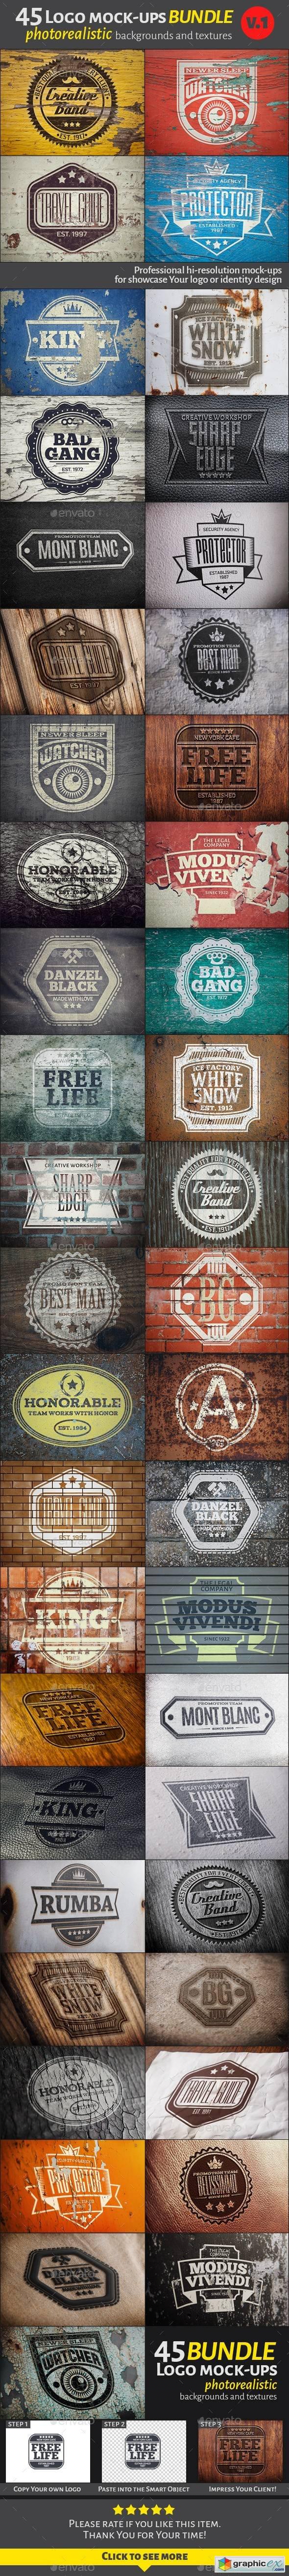 45 Vintage Logo Mock-Ups. Bundle v1